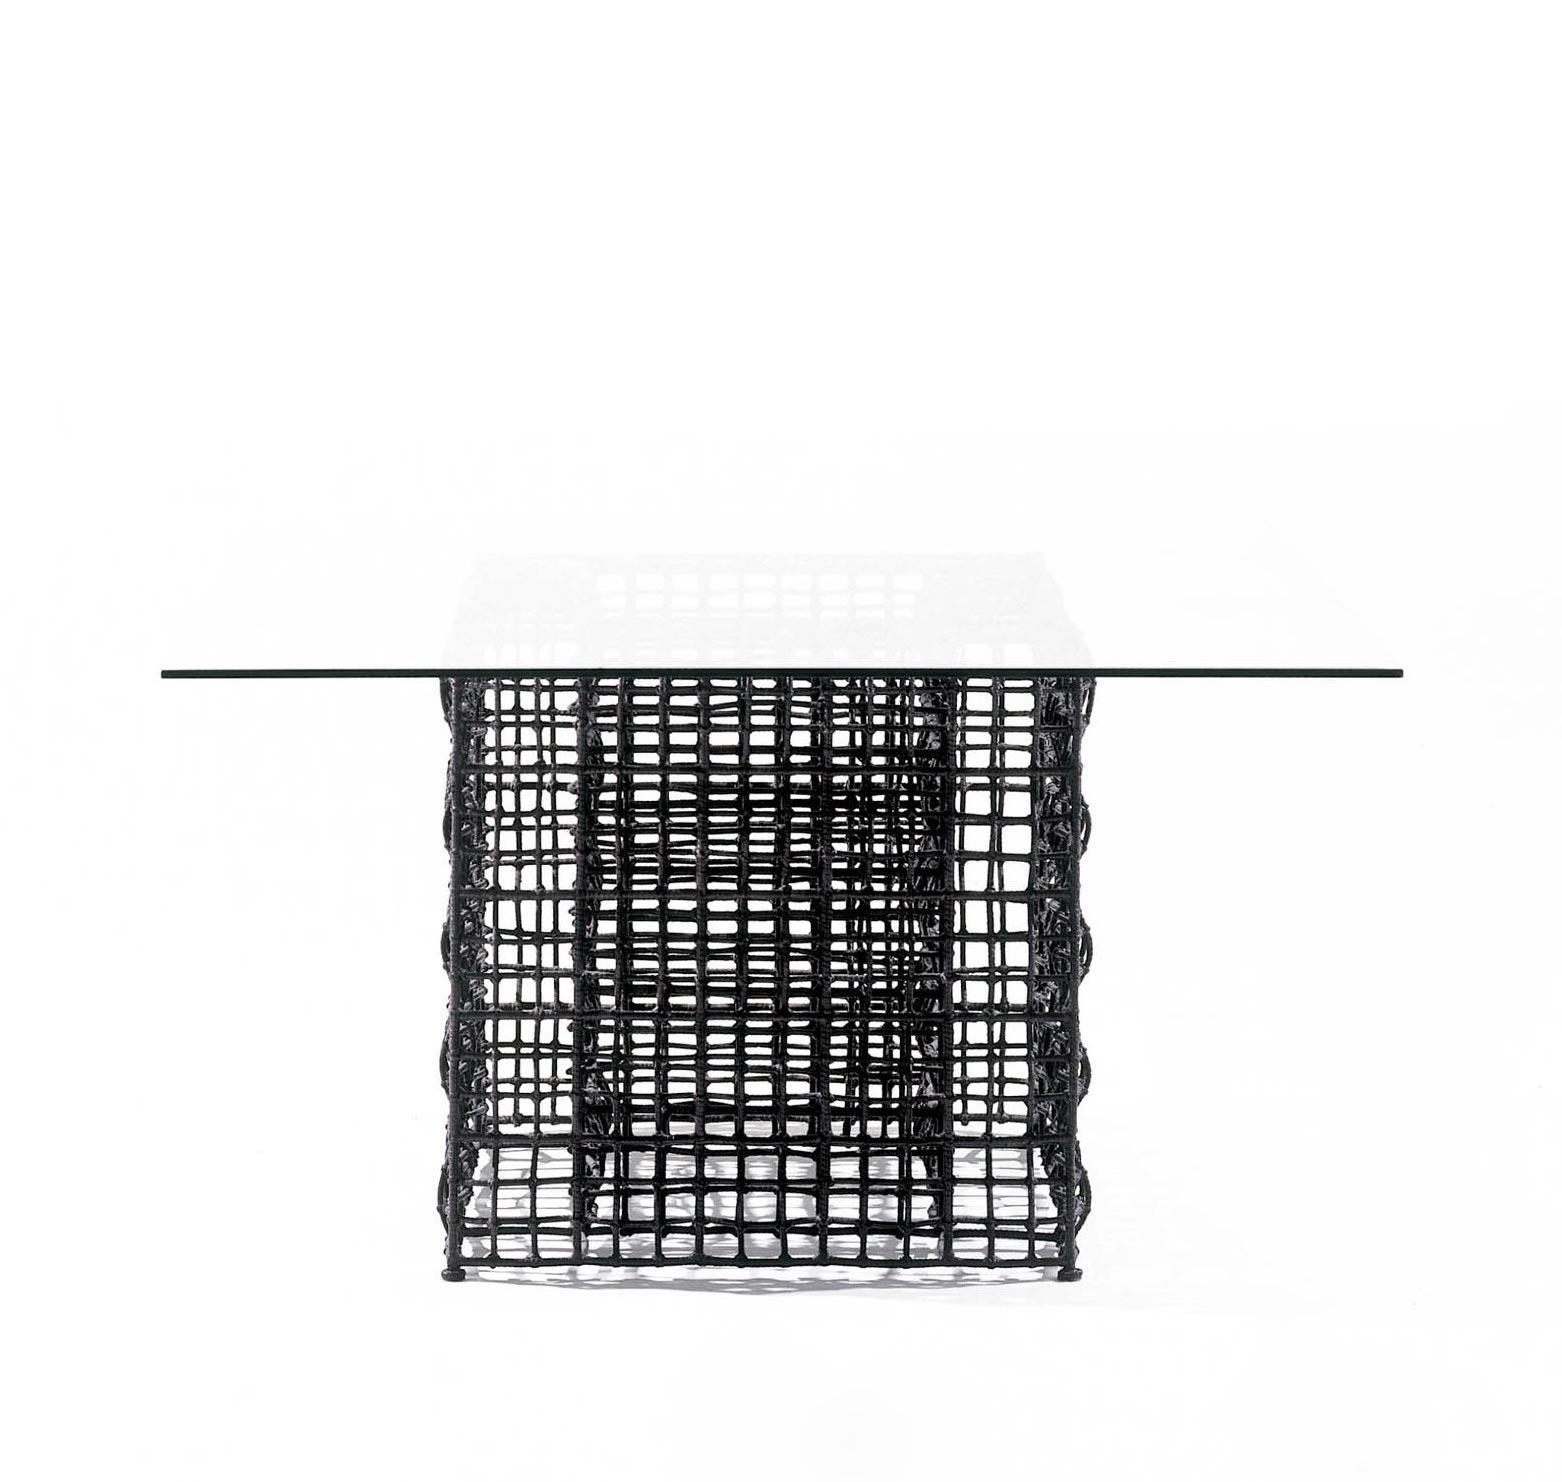 Gartentisch Yin & Yang 122 × 122 cm (brown/natural) von Kenneth Cobonpue